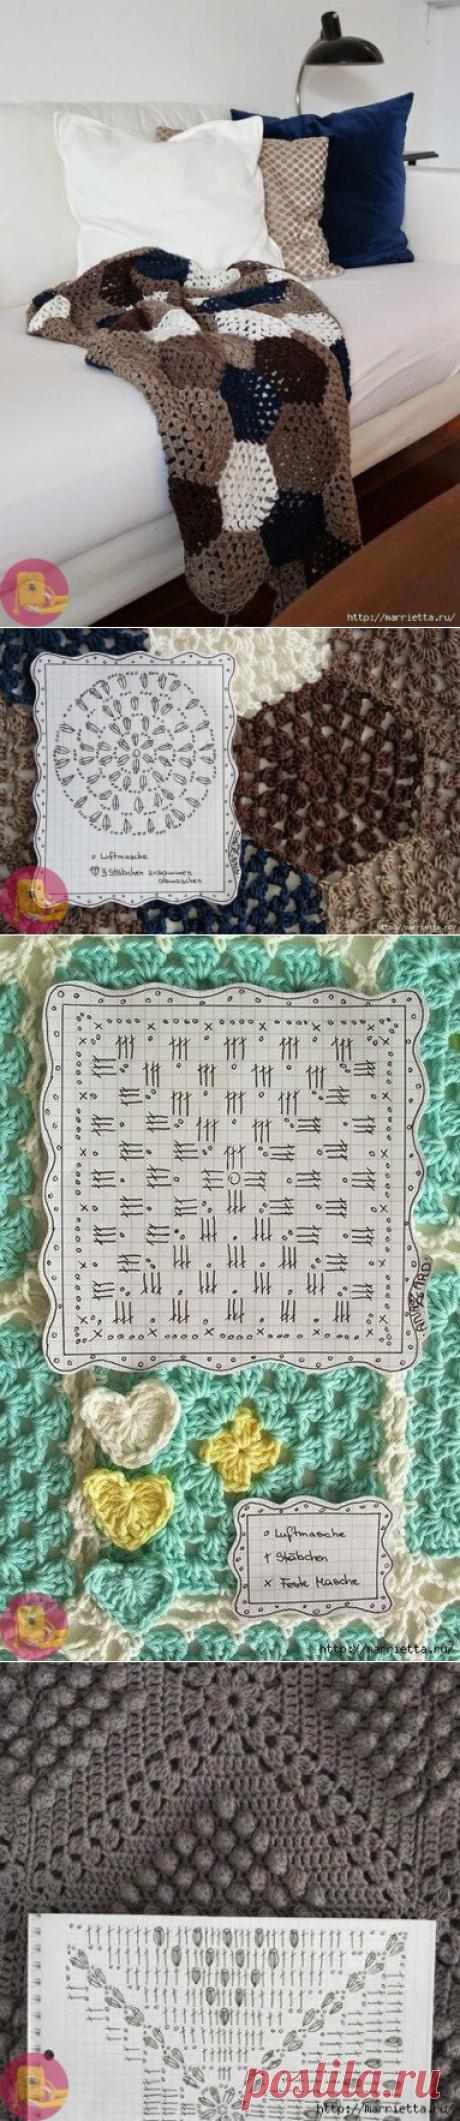 Пледы и подушки крючком: схемы — Сделай сам, идеи для творчества - DIY Ideas